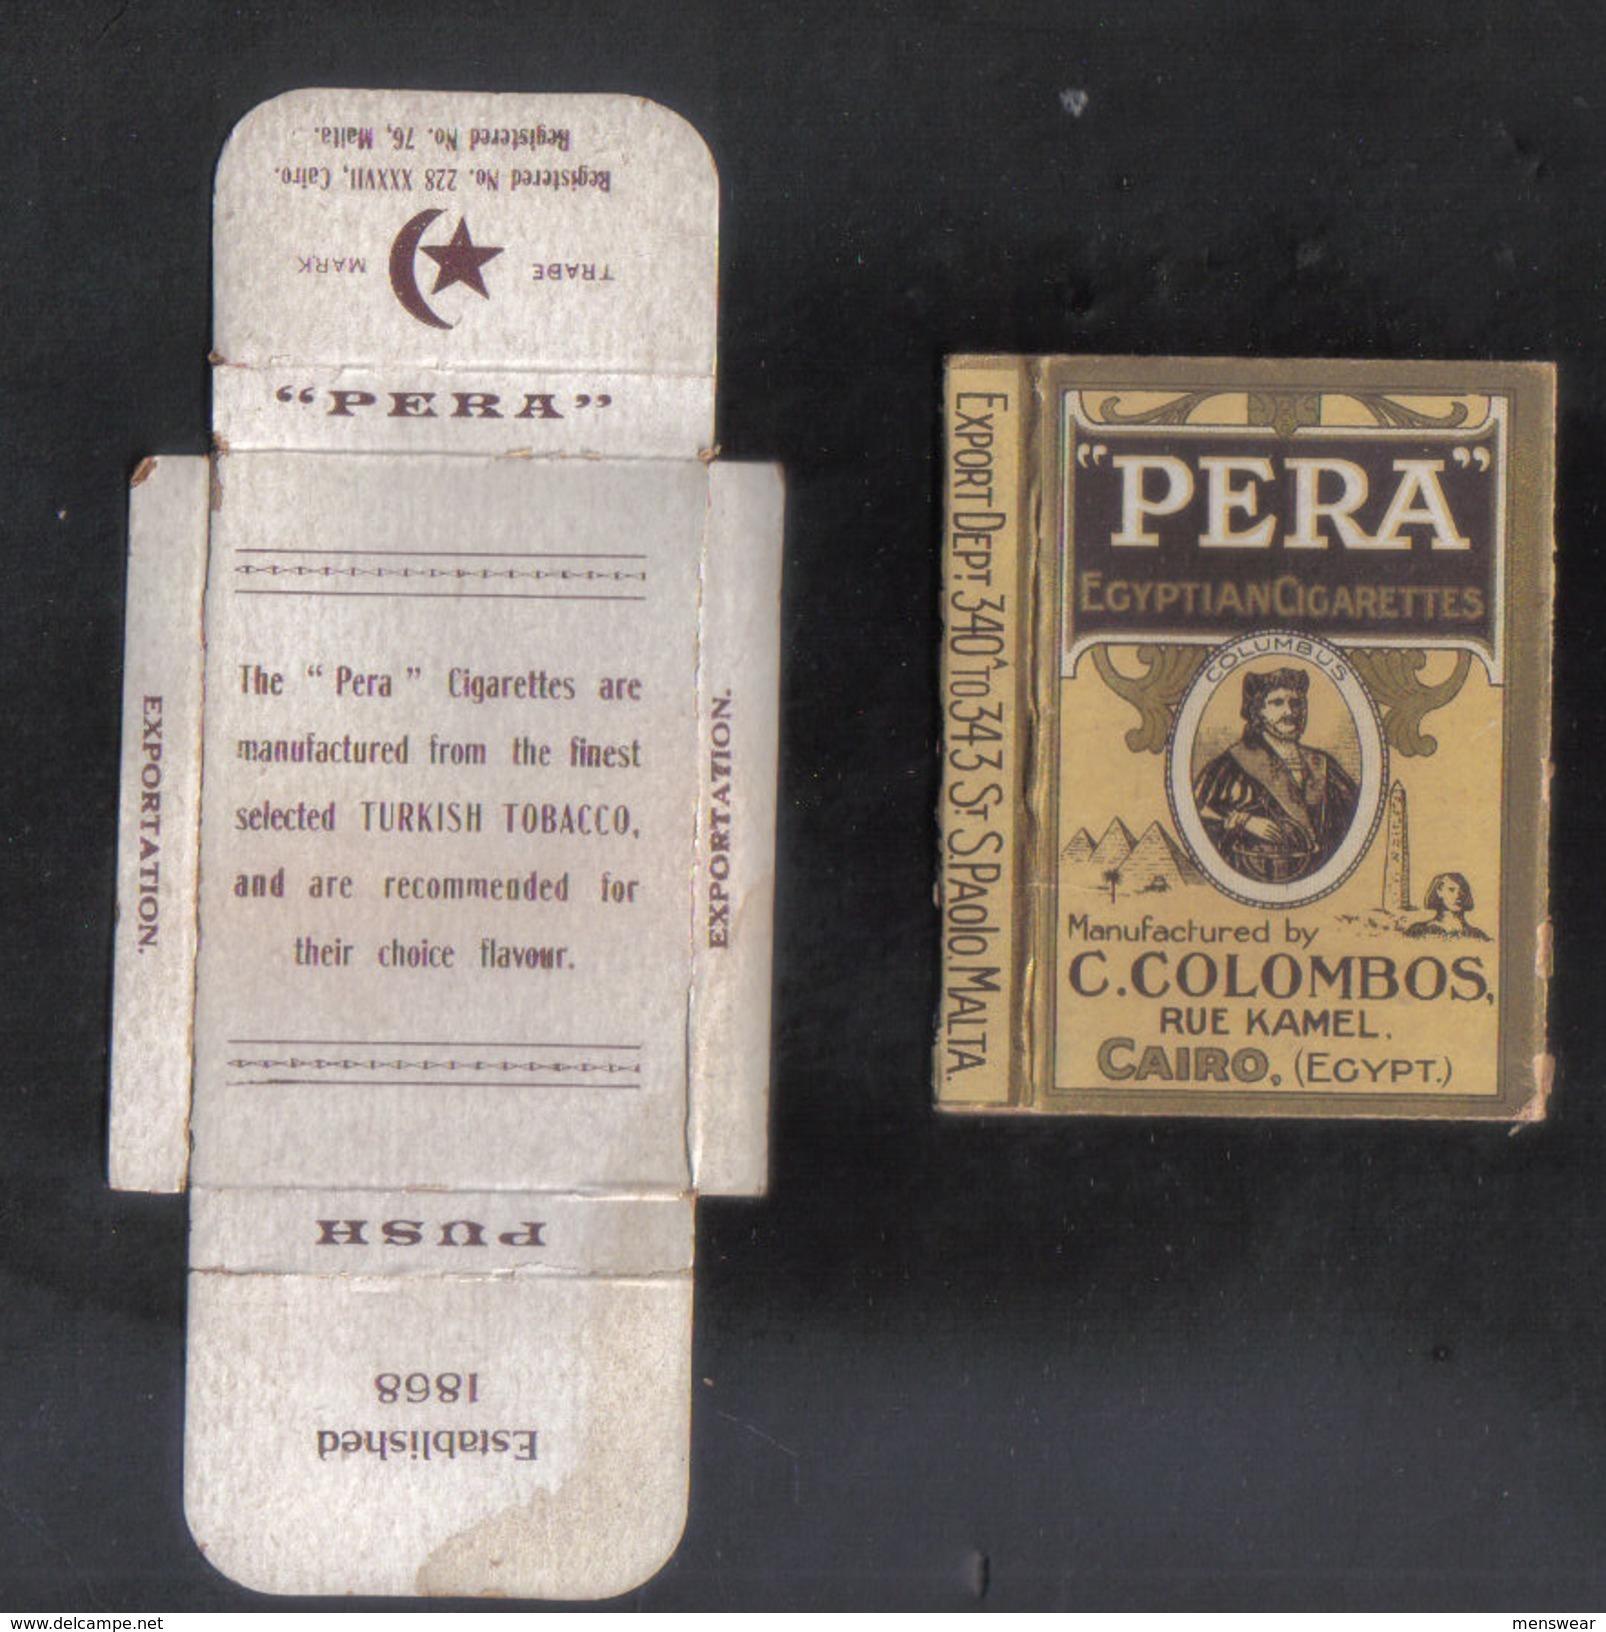 PERLA   LTD.CAIRO MALTA  PACKET OF 6 CIGARETTE - 1910 VERY RARE - - Empty Cigarettes Boxes